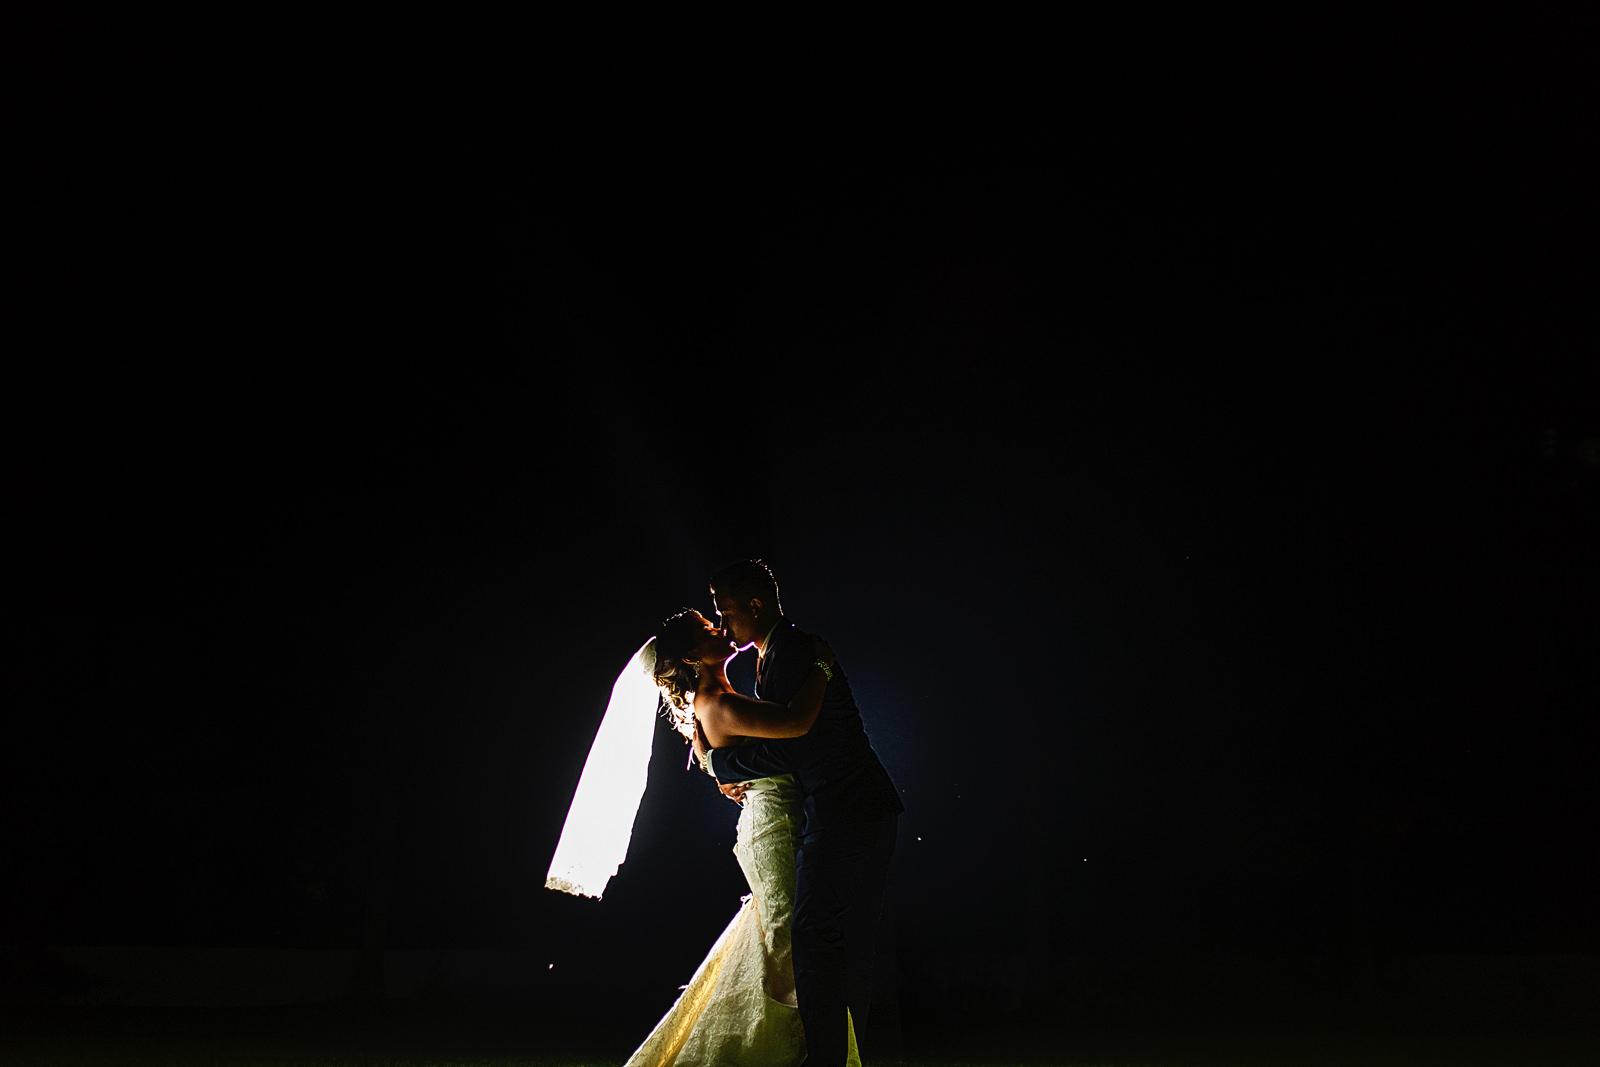 Pareja besándose en la oscuridad después de su ceremonia de bodas en su sesión de retratos